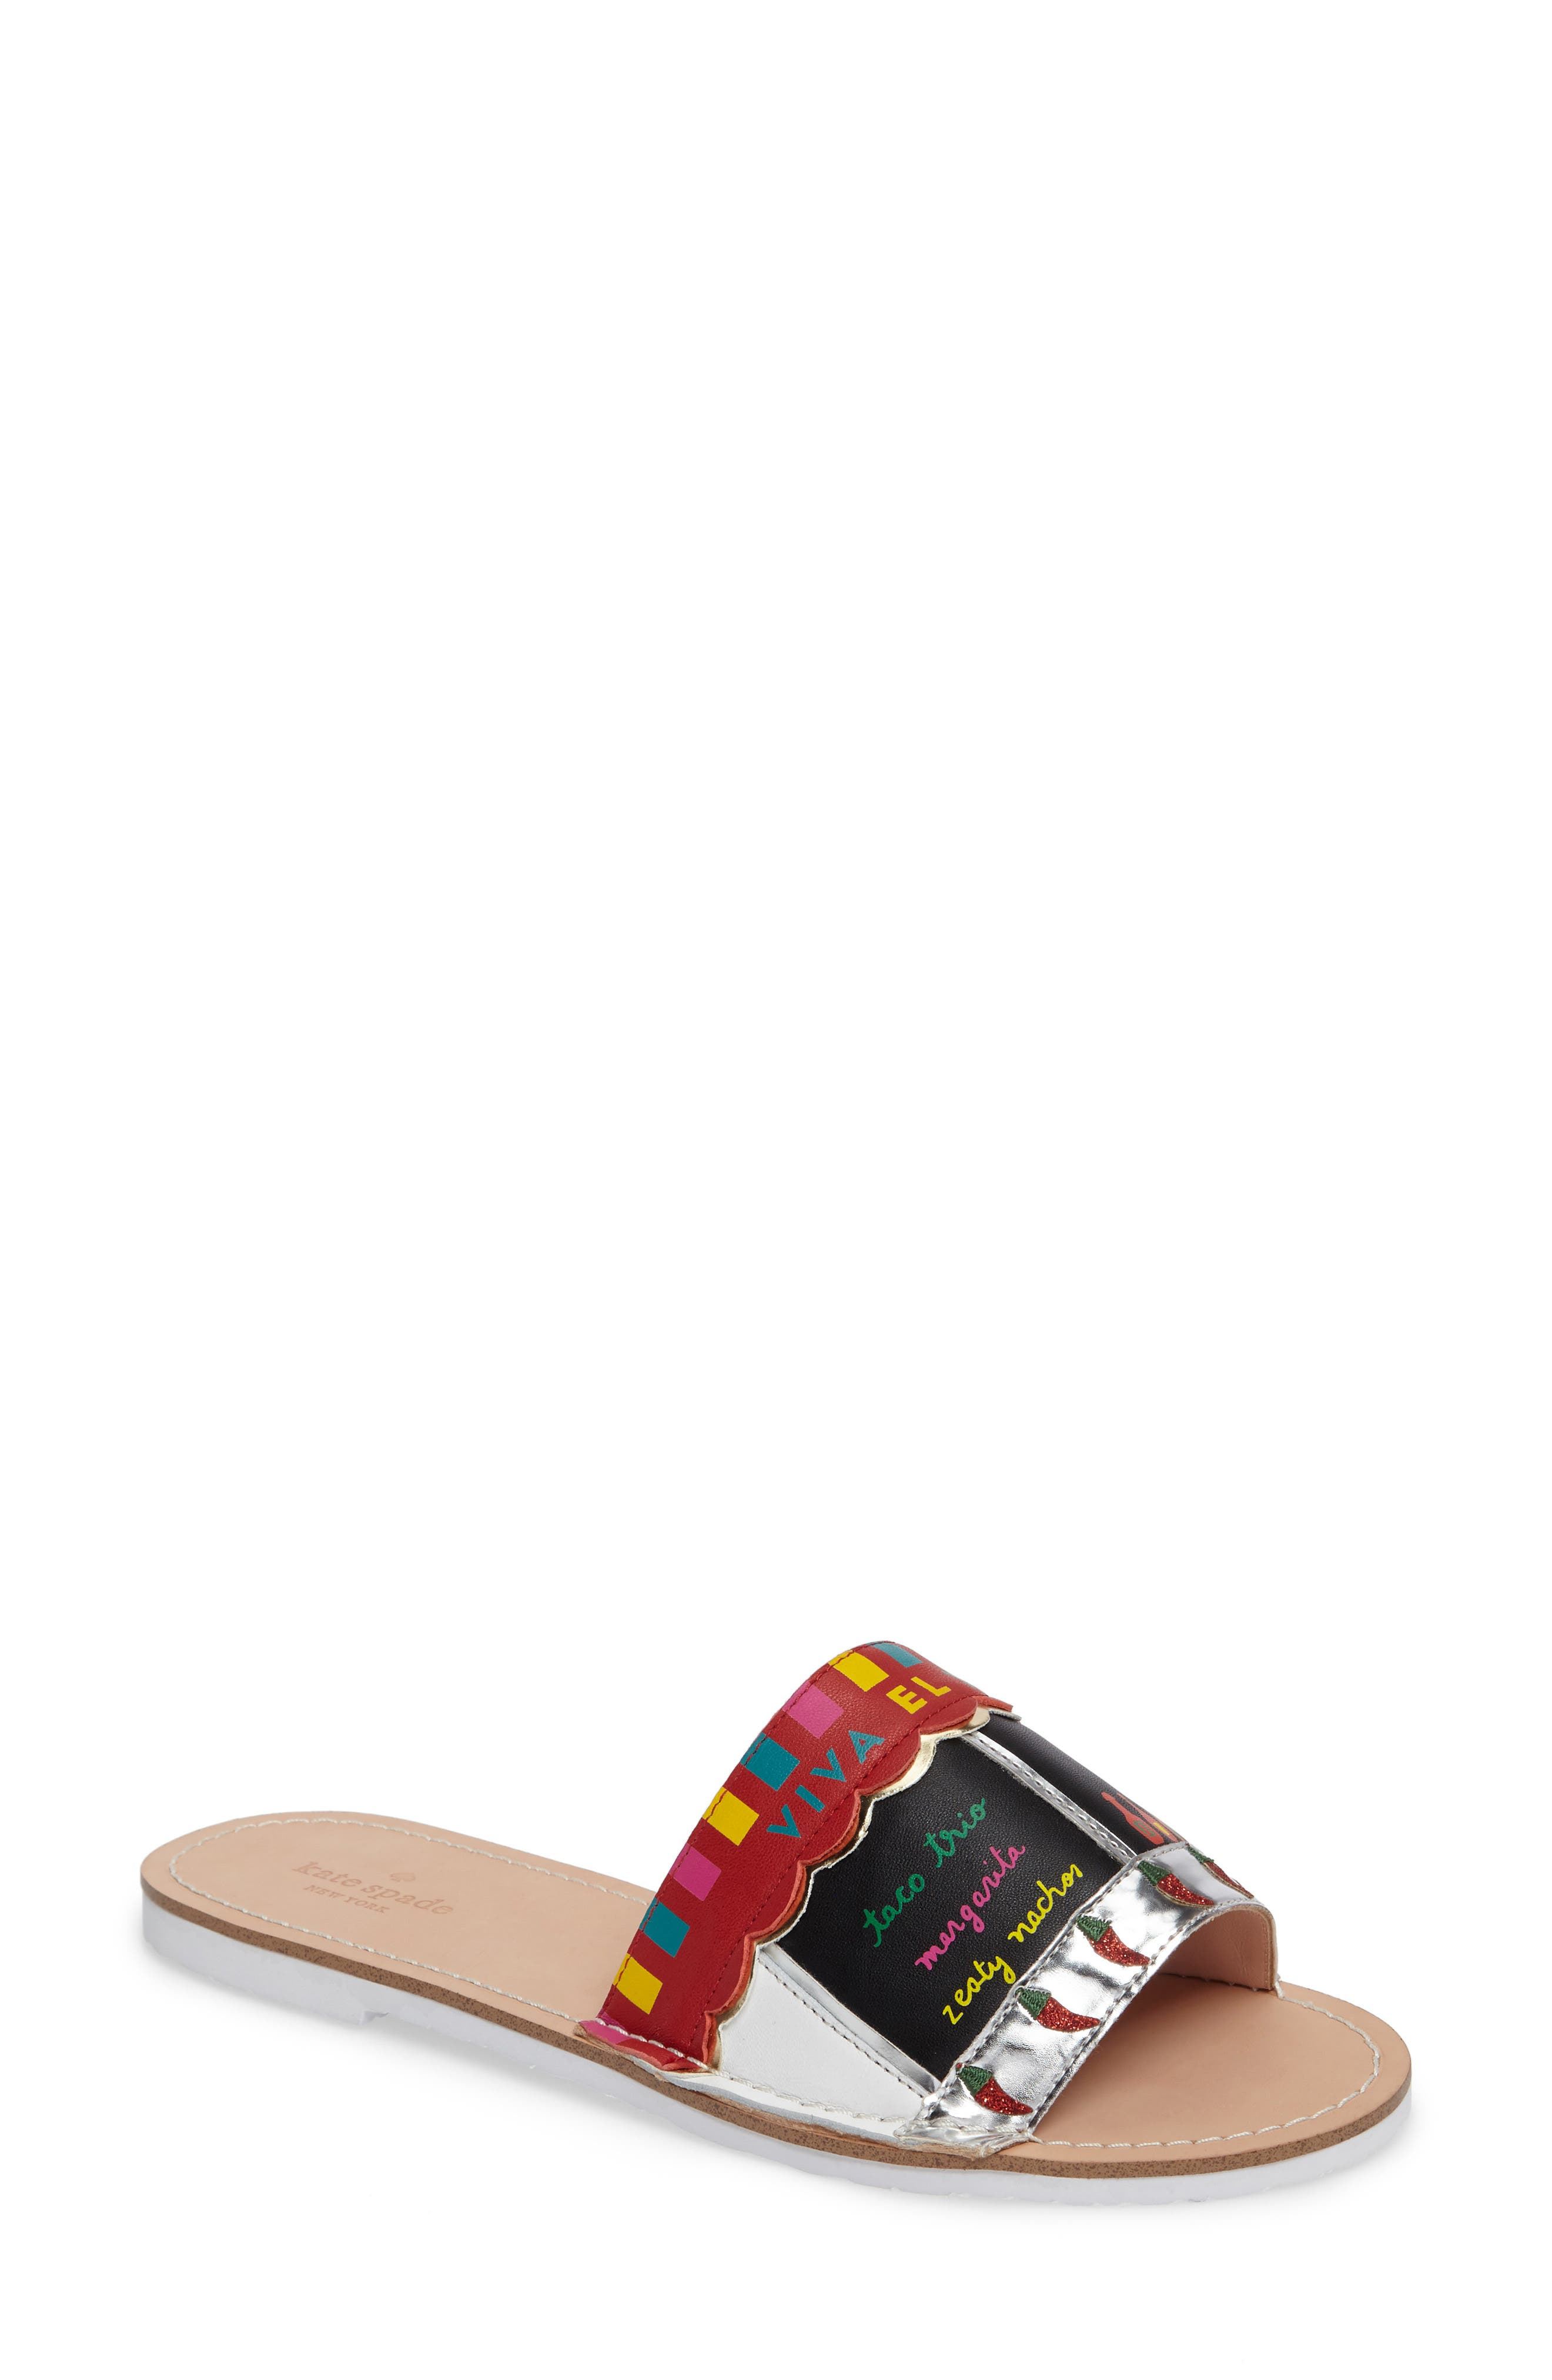 Main Image - kate spade new york illi slide sandal (Women)